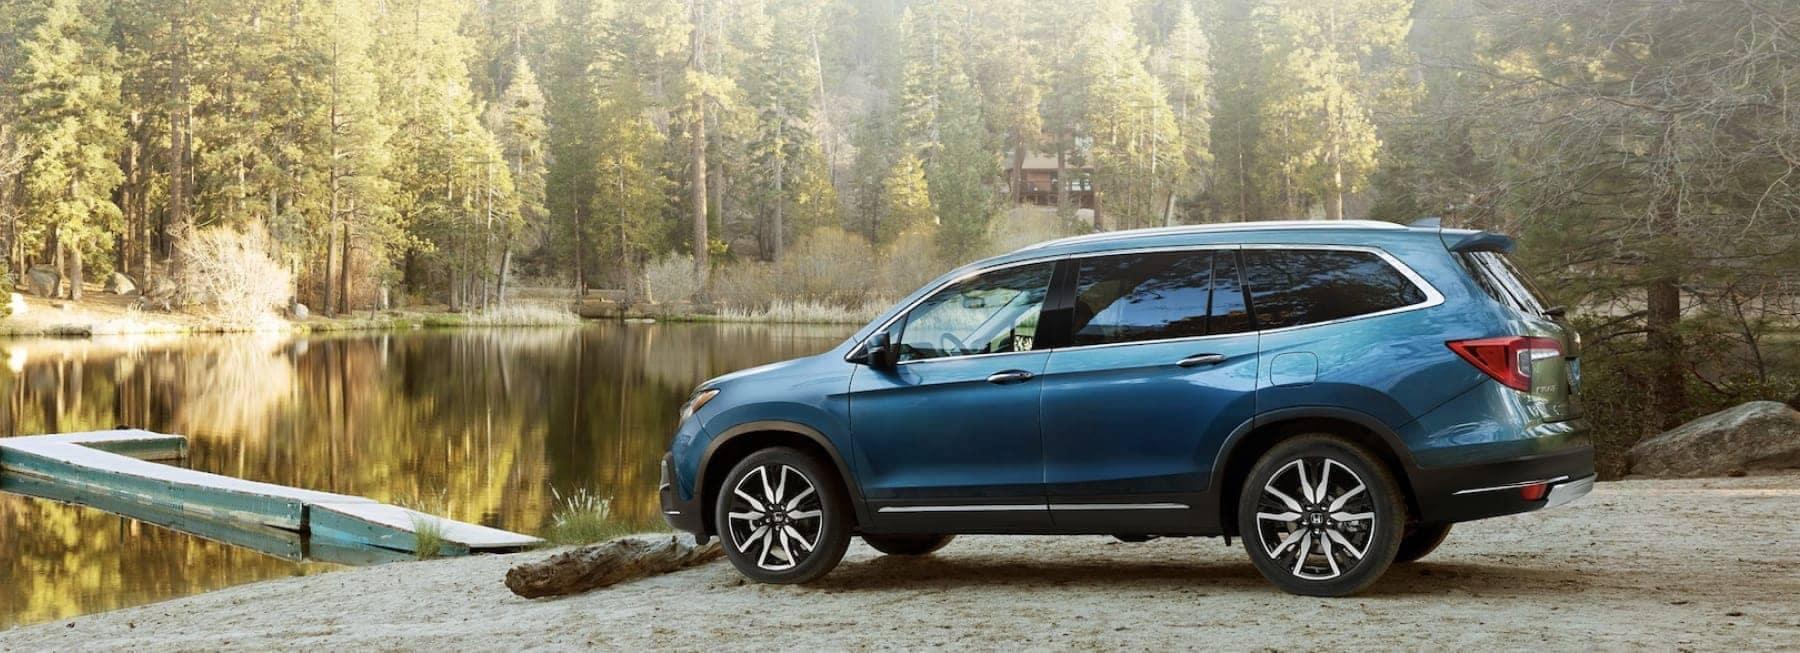 A Honda minivan by a lake.